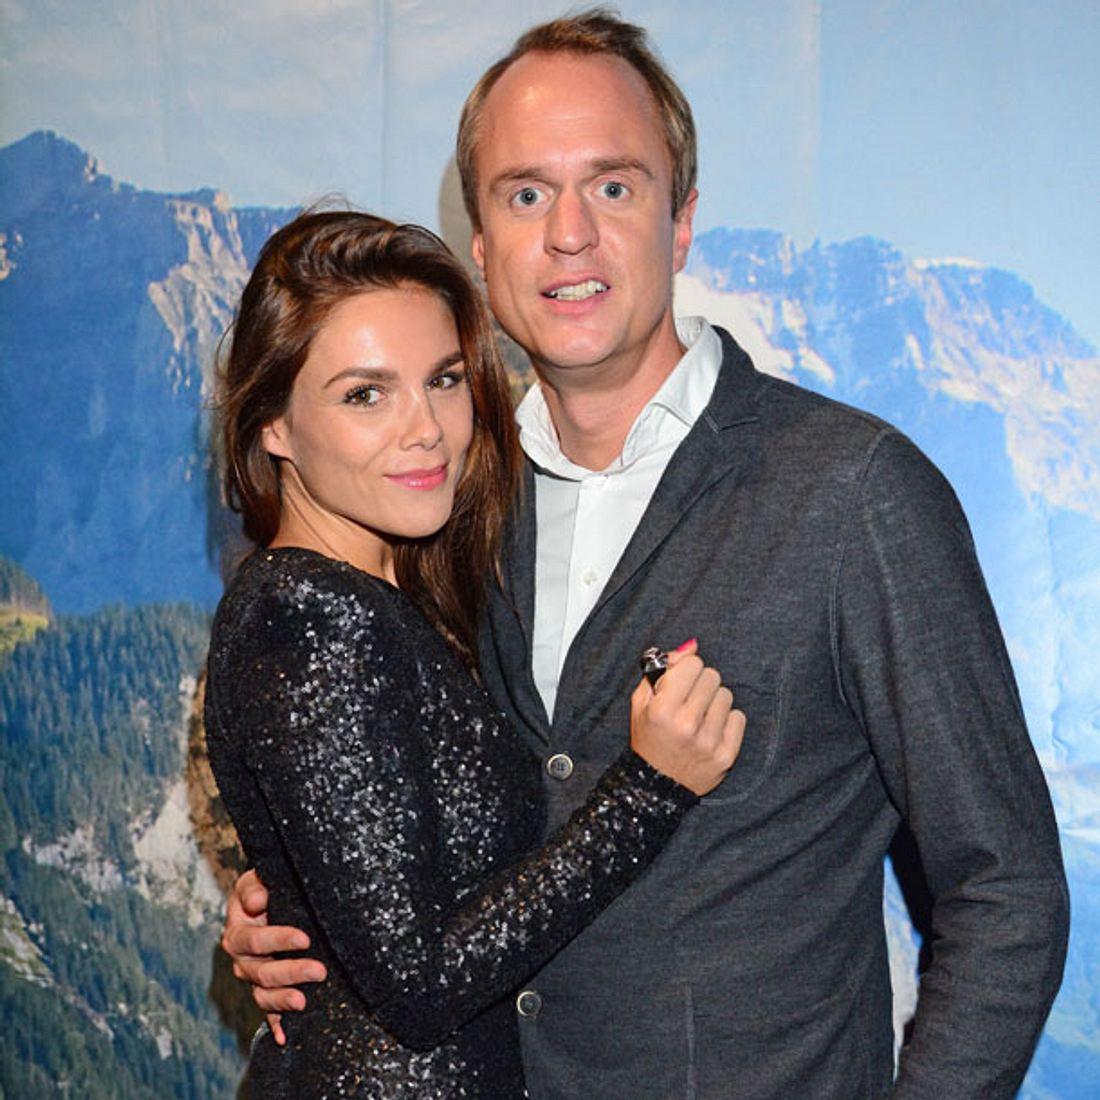 Alexander Posth und Angelina arbeiten am Nachwuchs